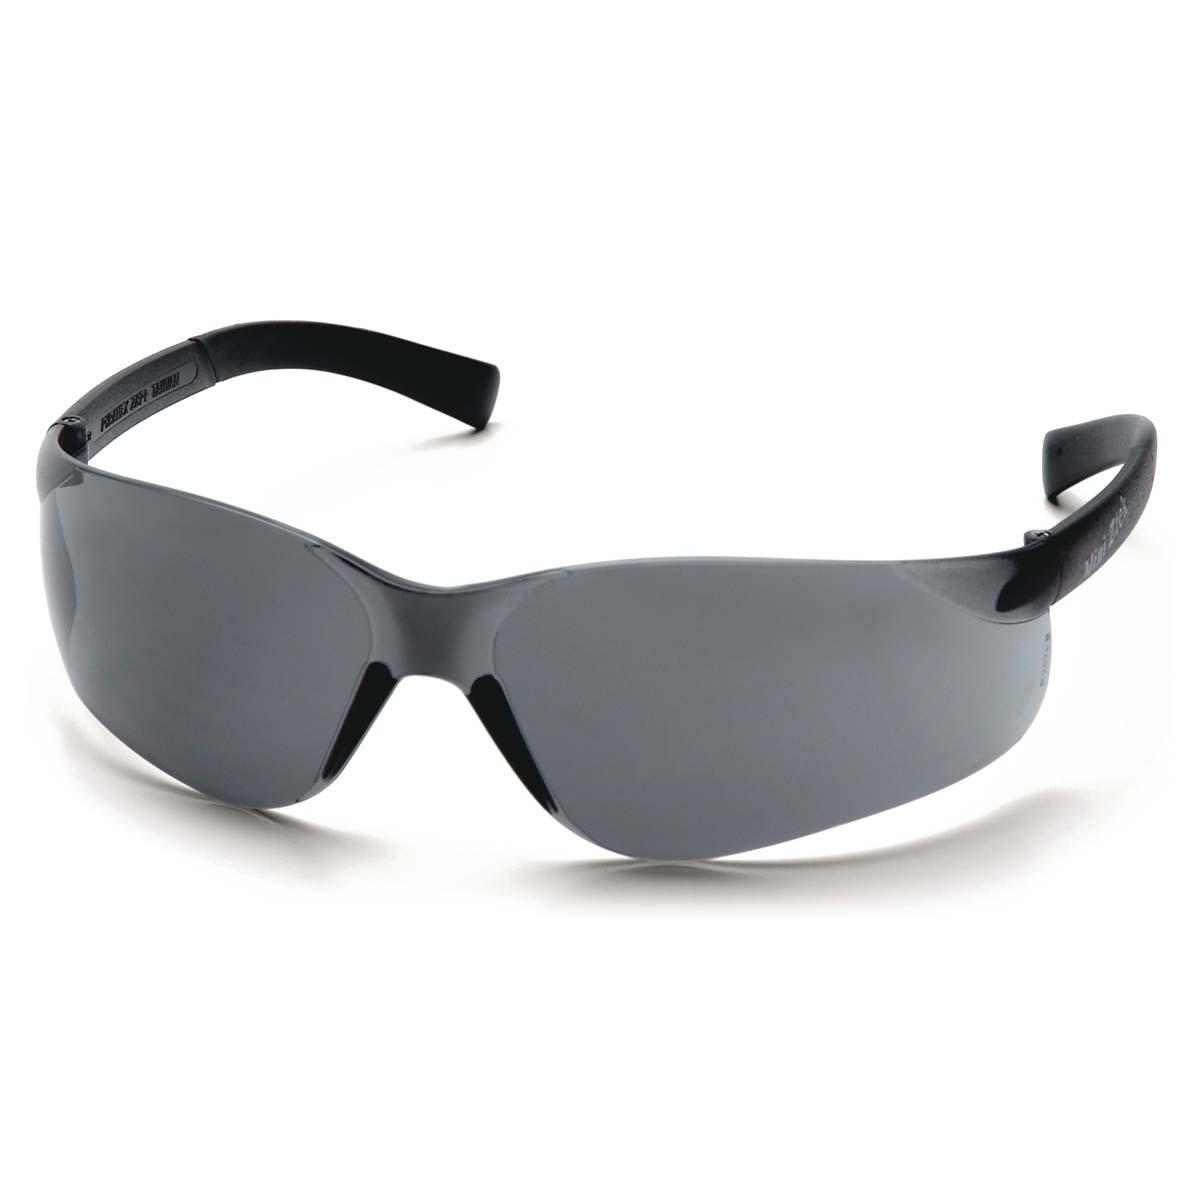 Gray Frame/Gray Lens